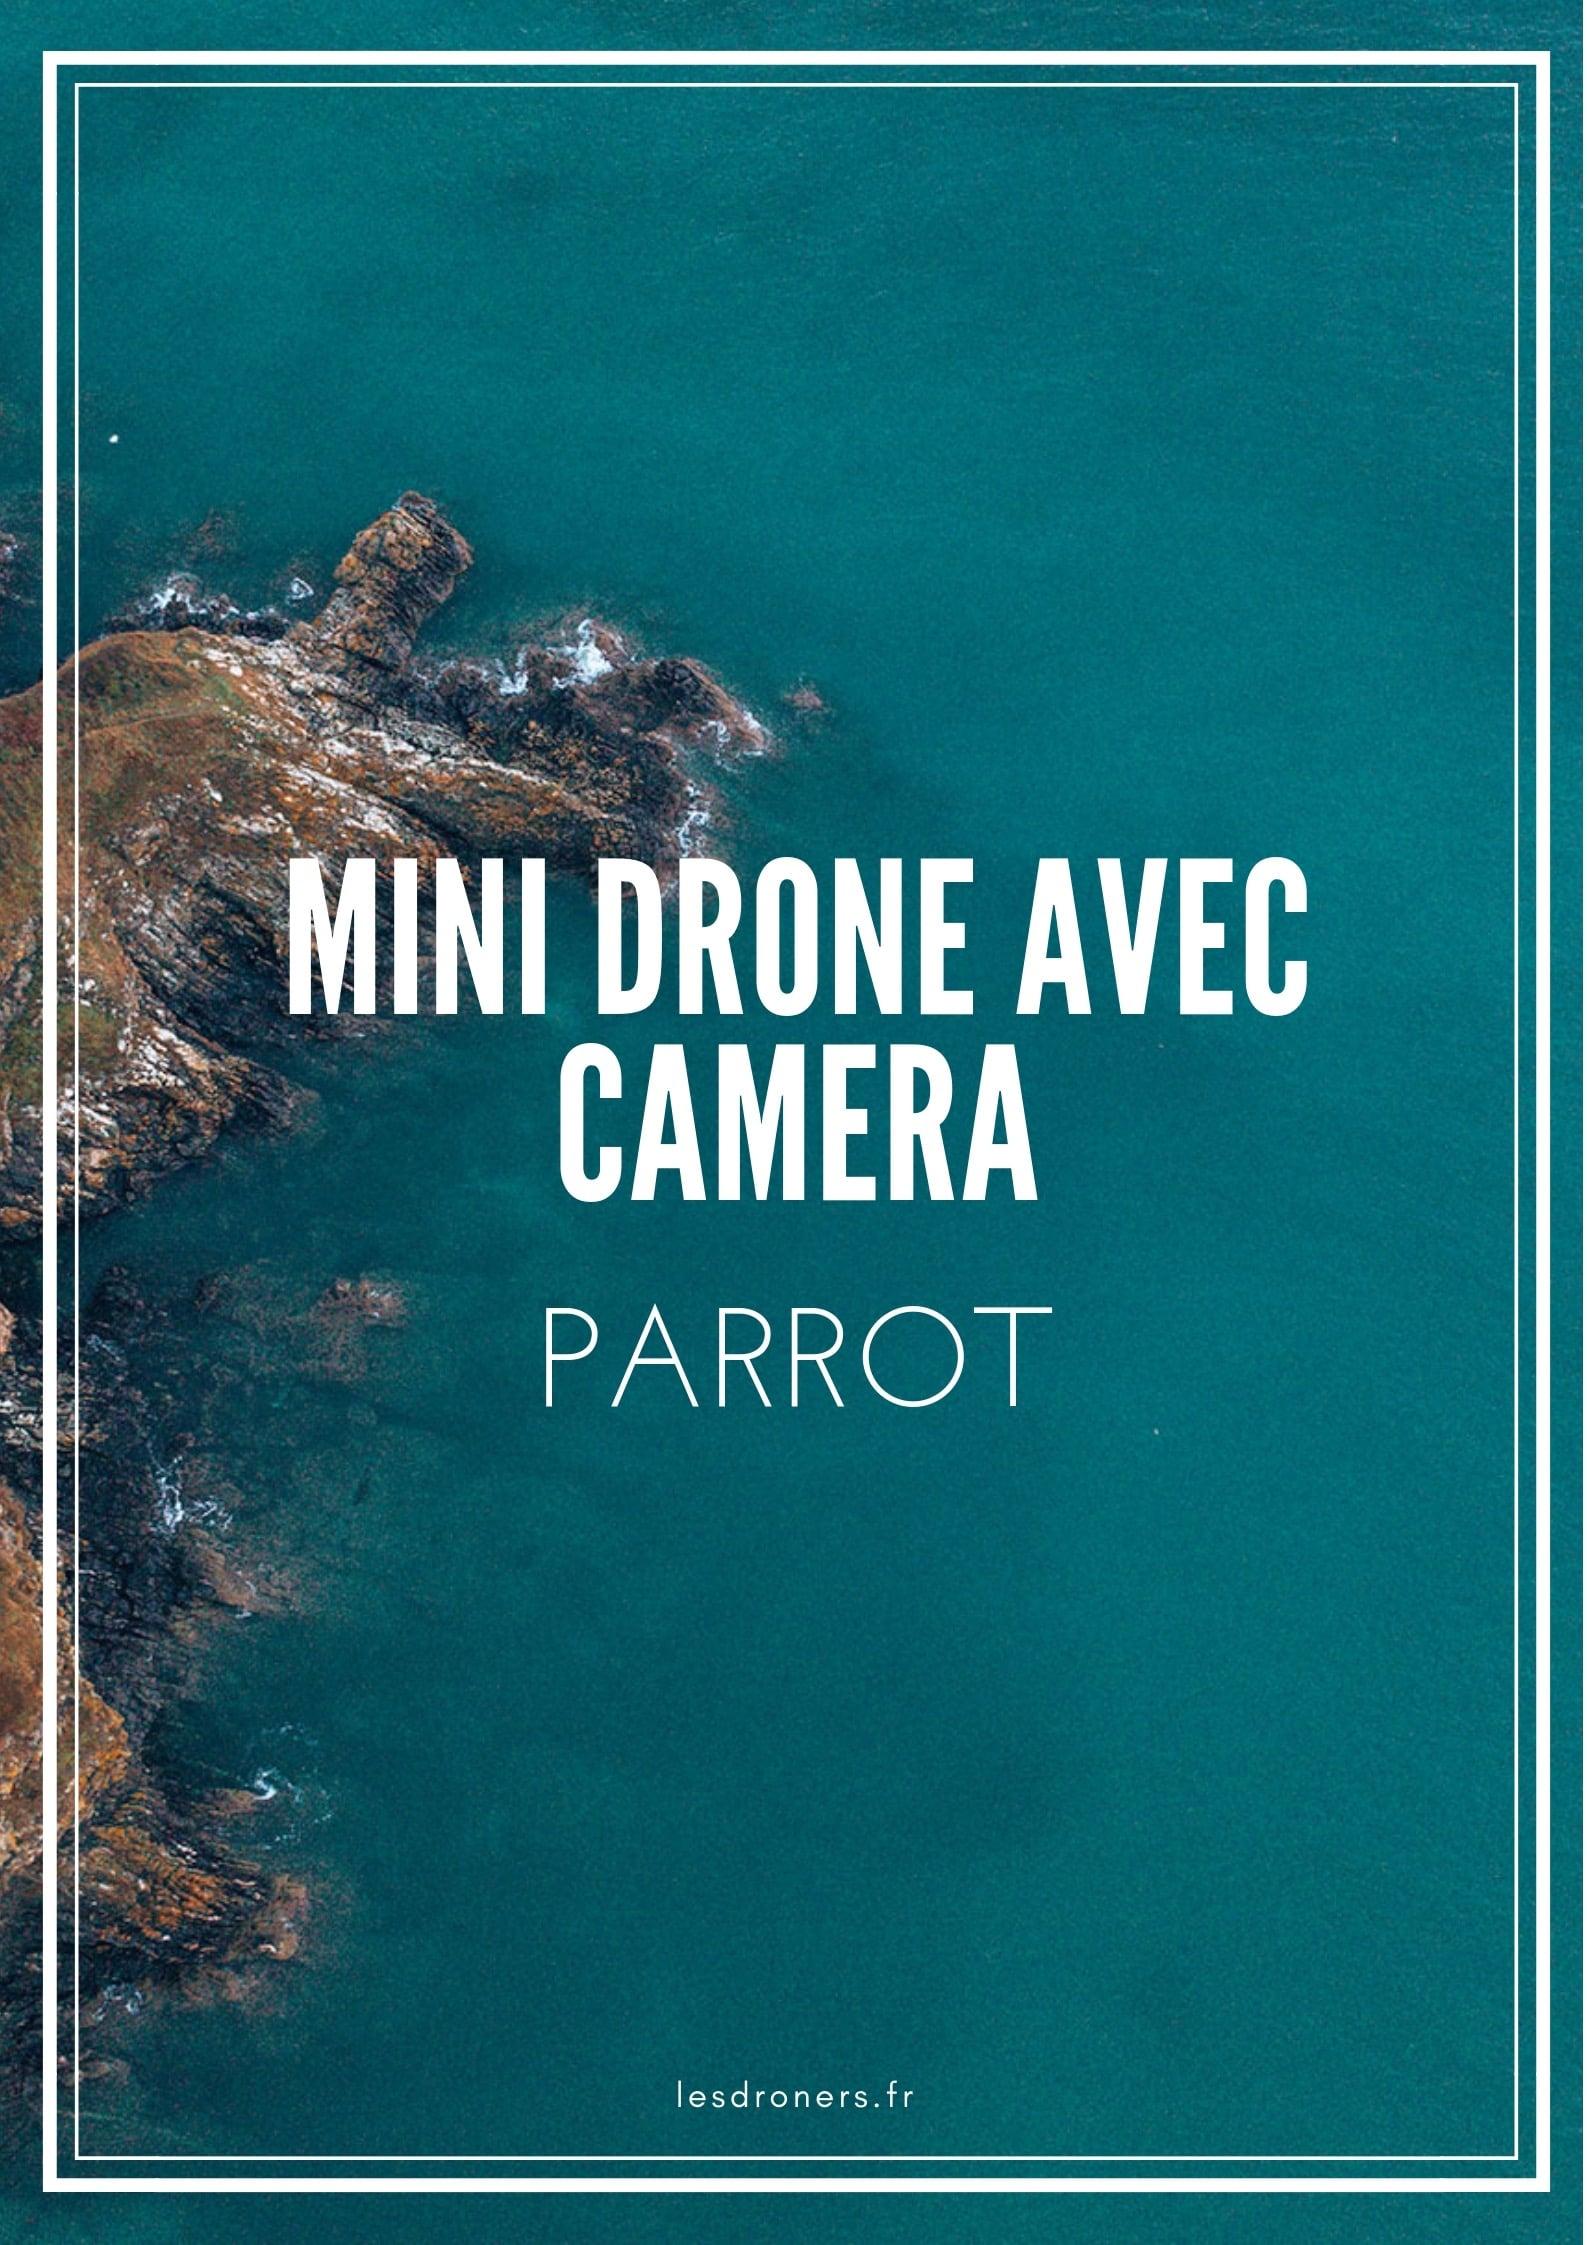 mini drone avec camera parrot 001